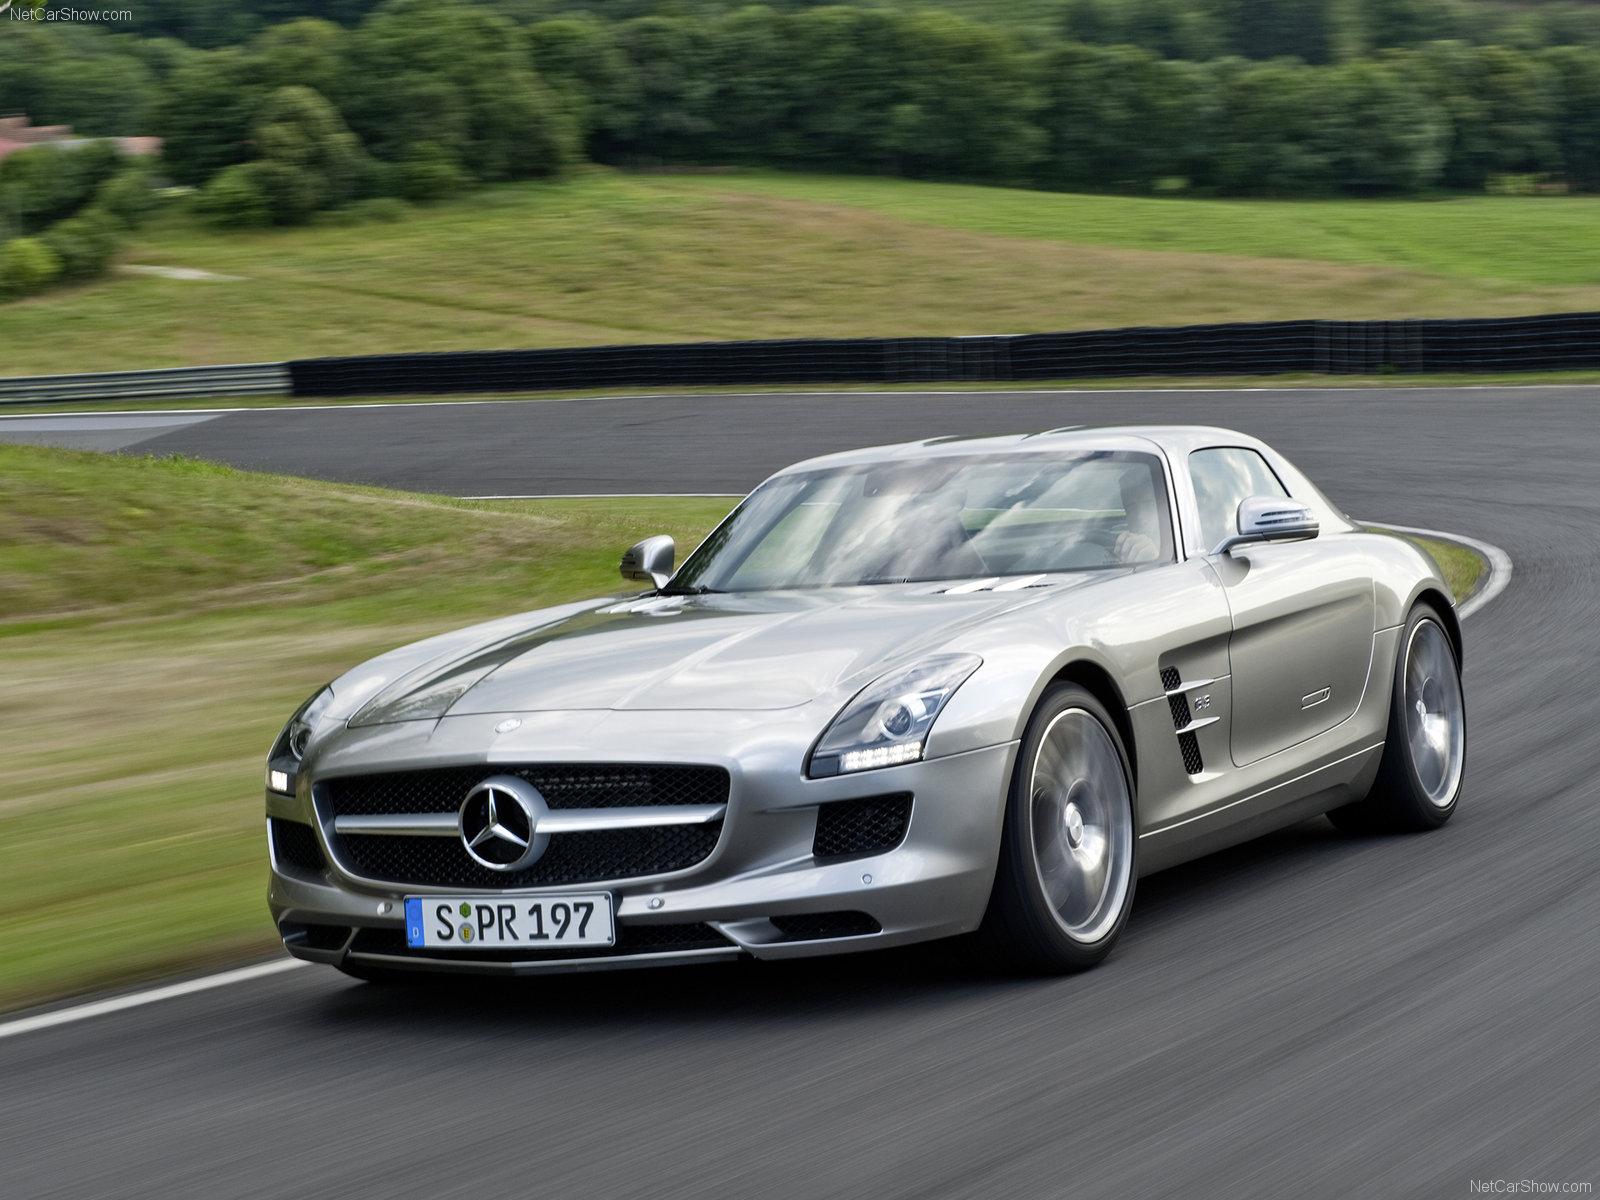 Mercedes-Benz SLS AMG Gullwing 2011 | Fotos e Imágenes en ... Mercedes Sls Amg Black Series Wallpaper